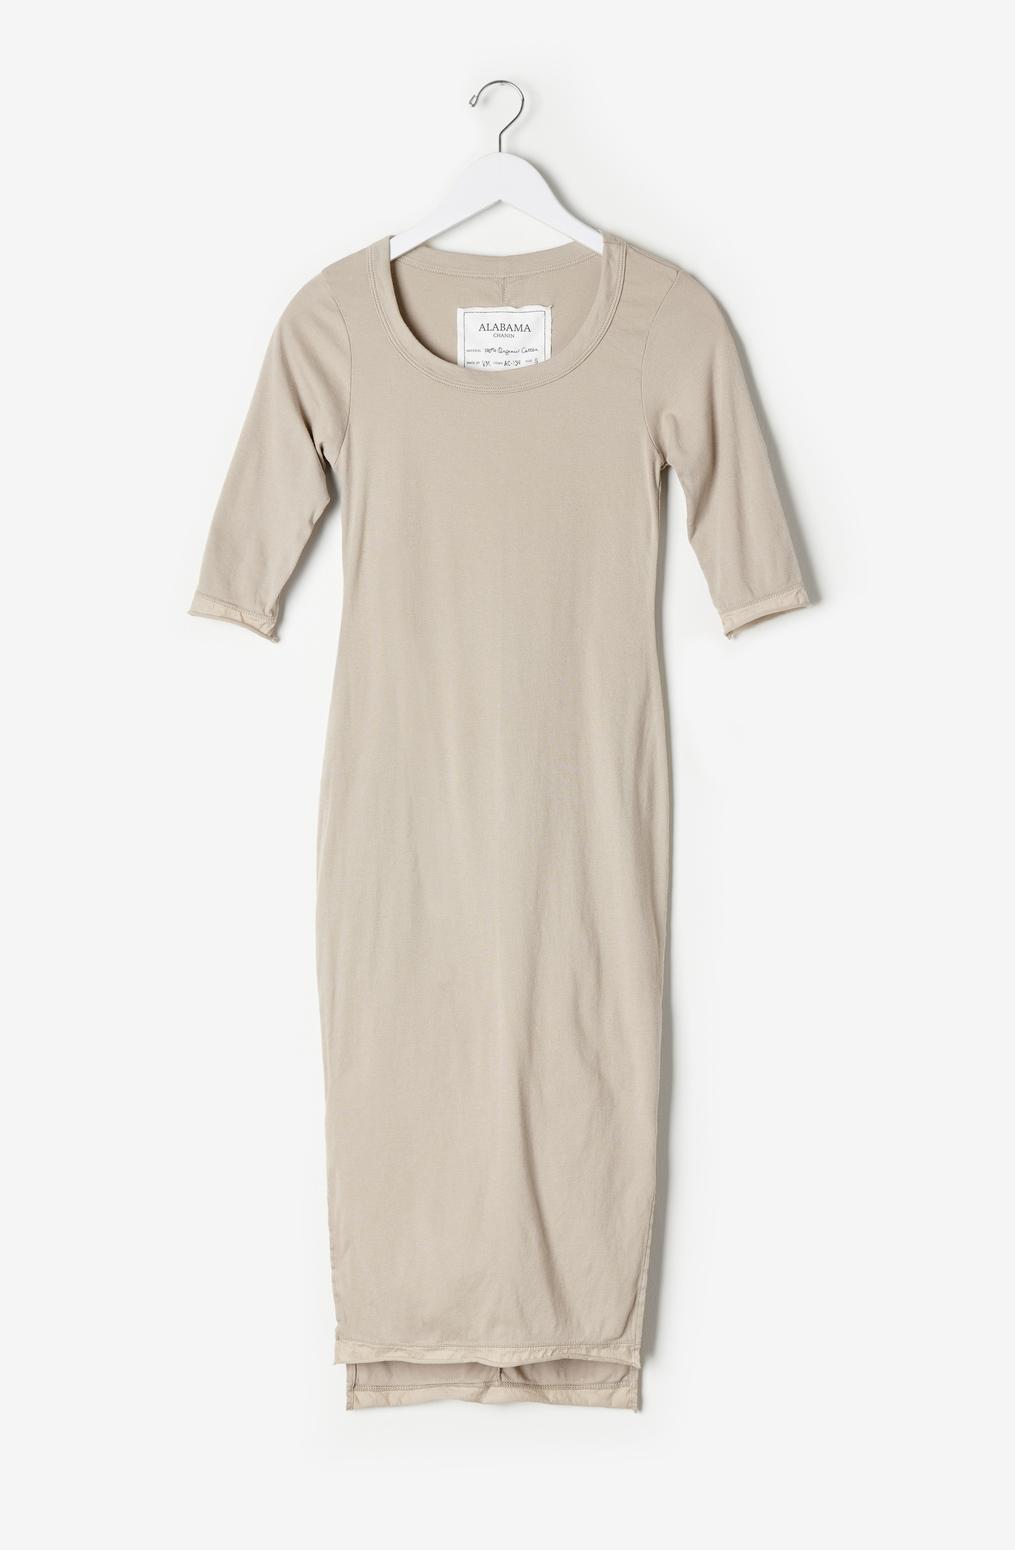 Scoop dress   basic   wax   ac 134   august 2019   robert rausch29   edit